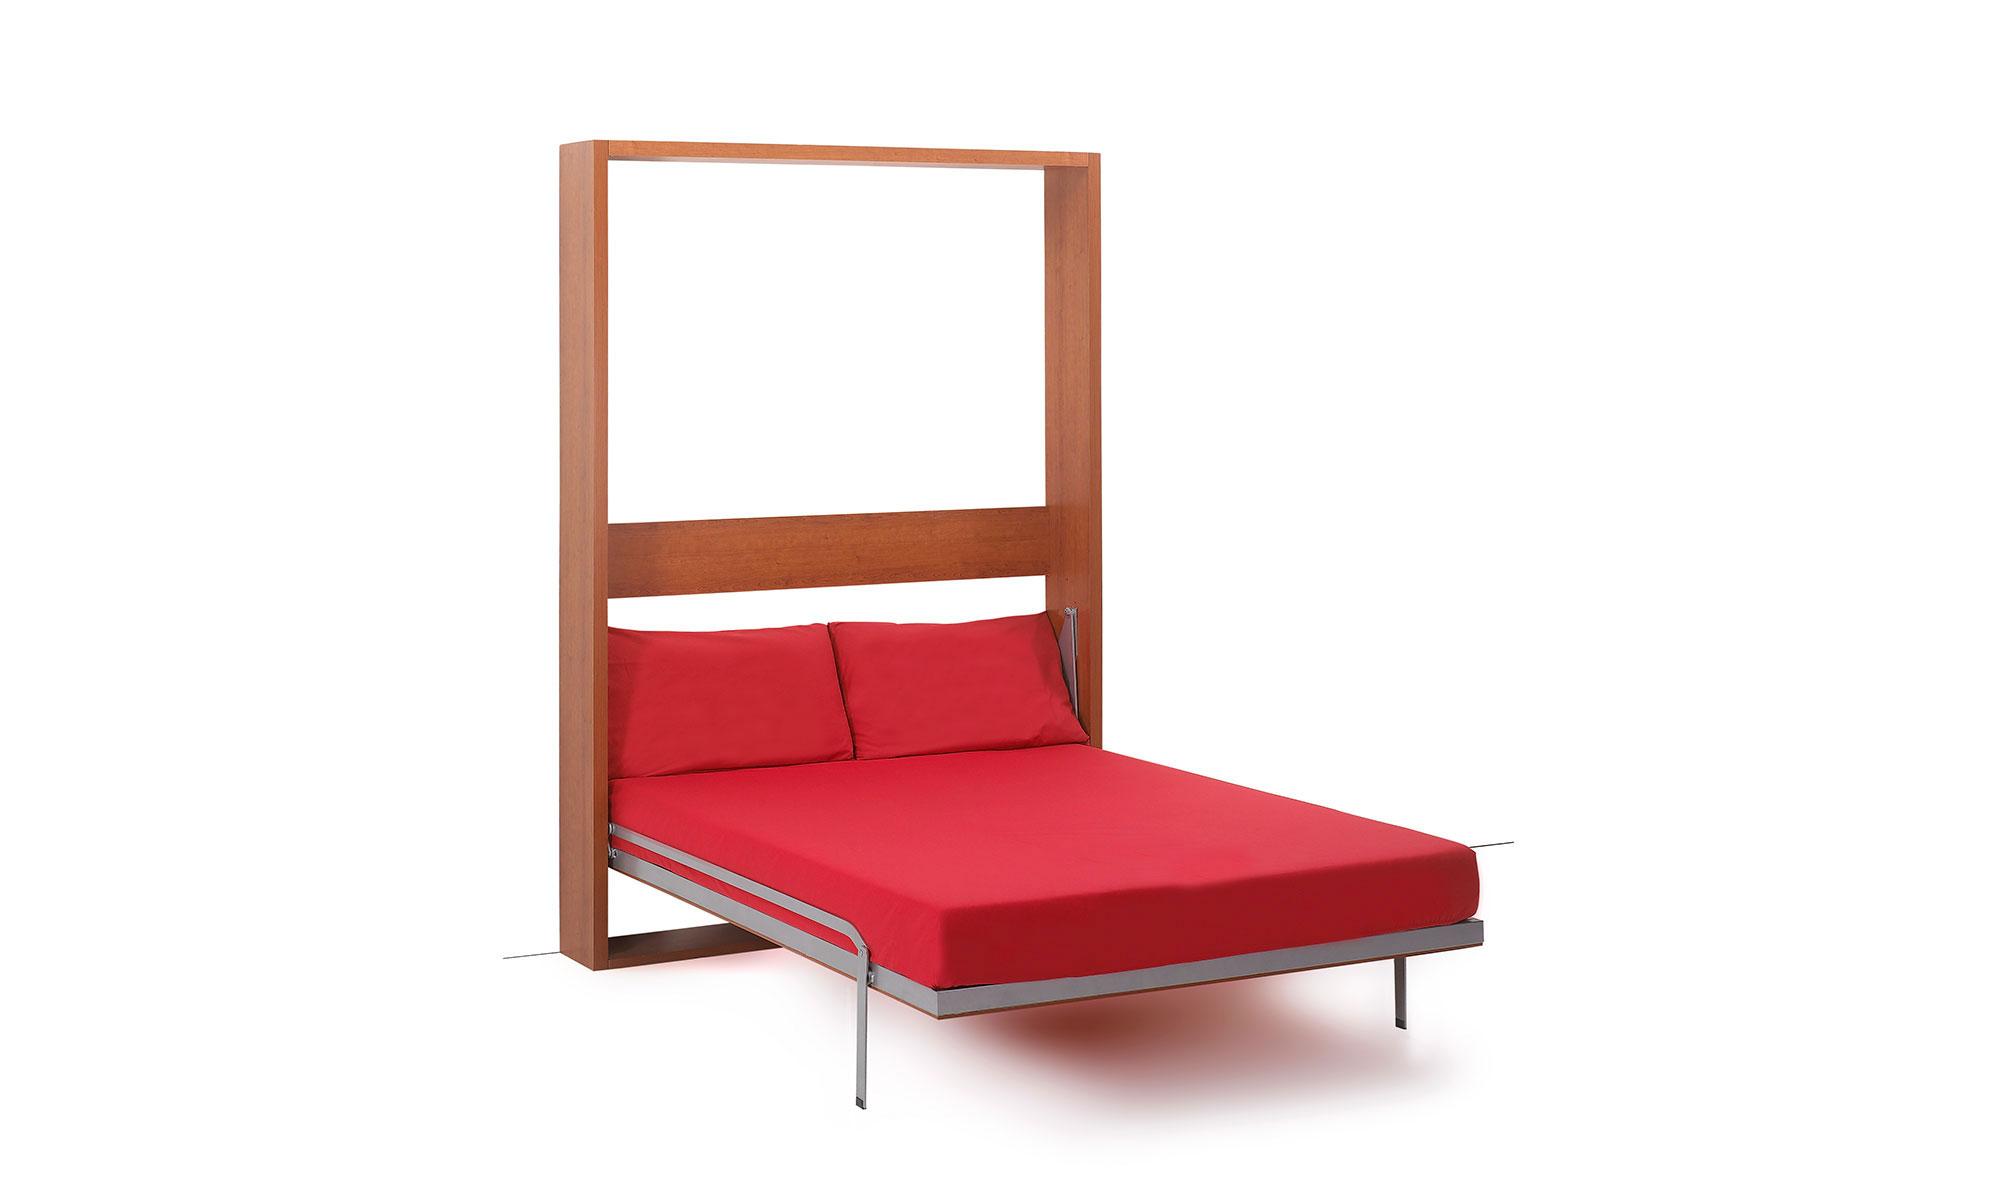 Sof cama abatible flat no disponible en - Muebles sofas camas ...